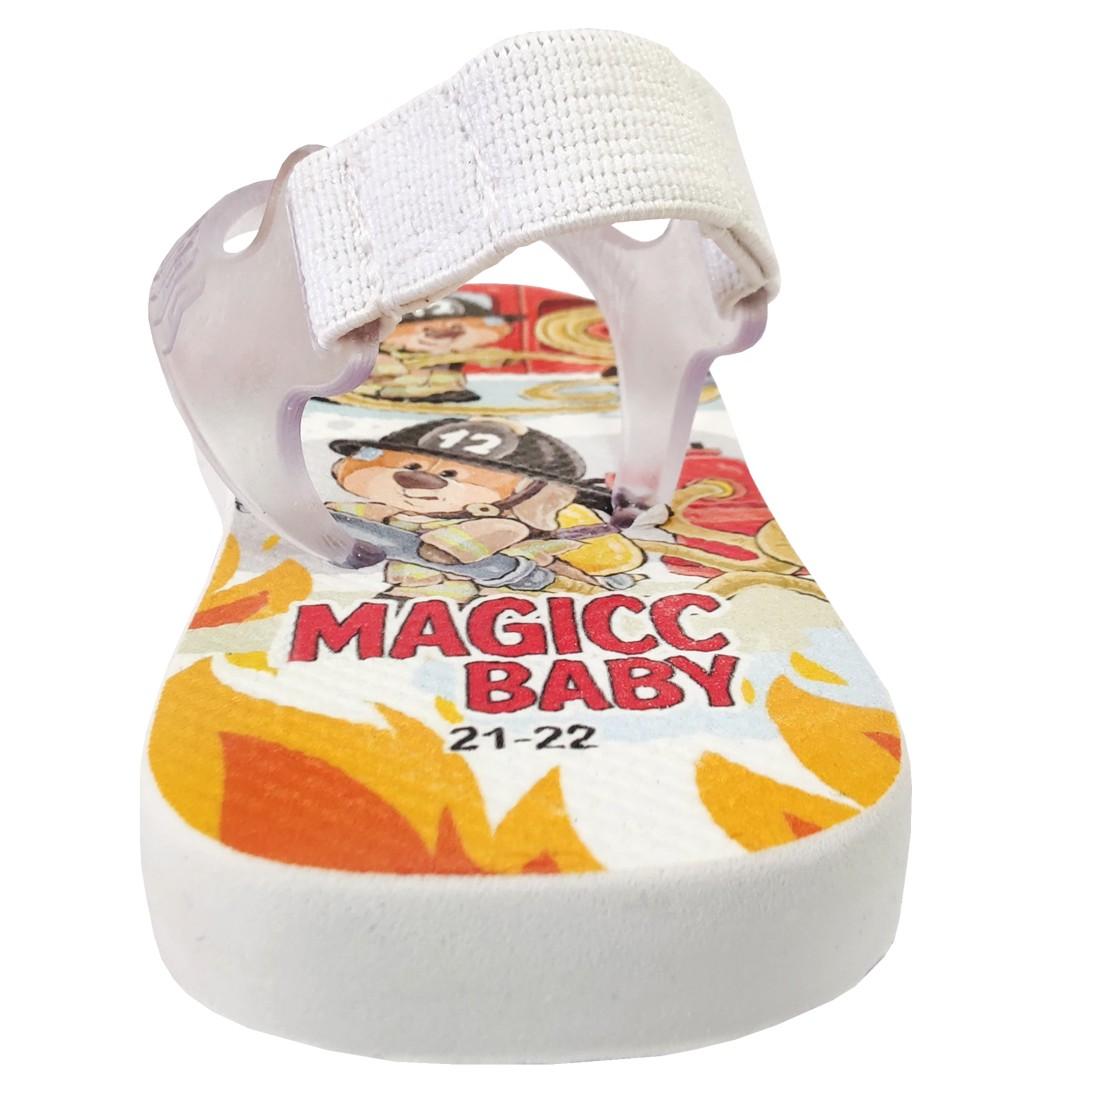 Chinelo Menino Bebê Sandália Ursinho Bombeiro Magicc Baby